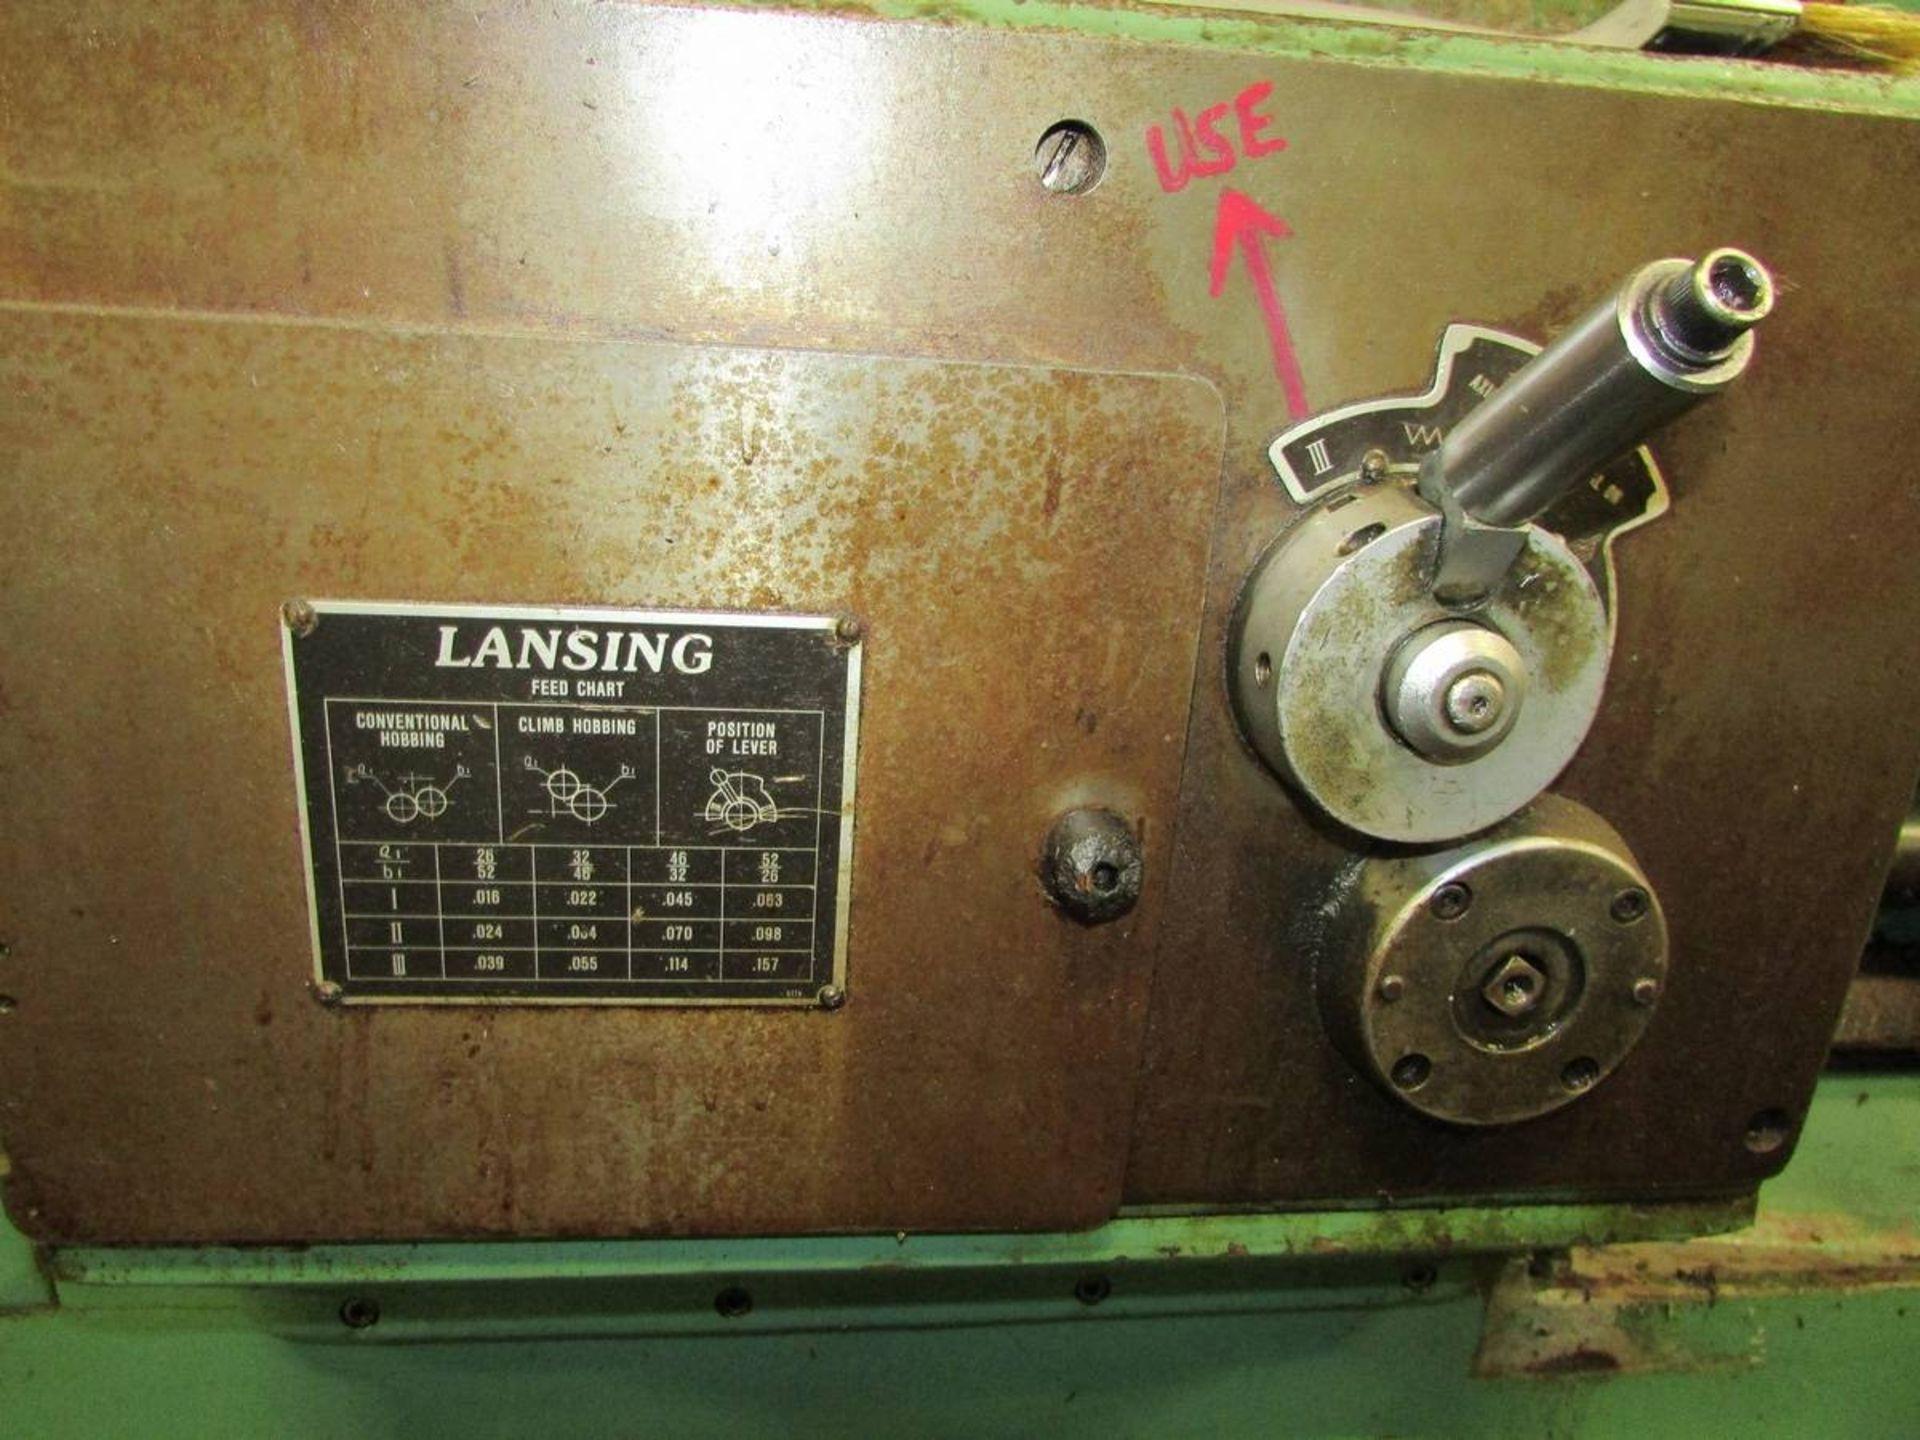 1984 Lansing GH20 Universal Gear Hobbing Machine - Image 10 of 16